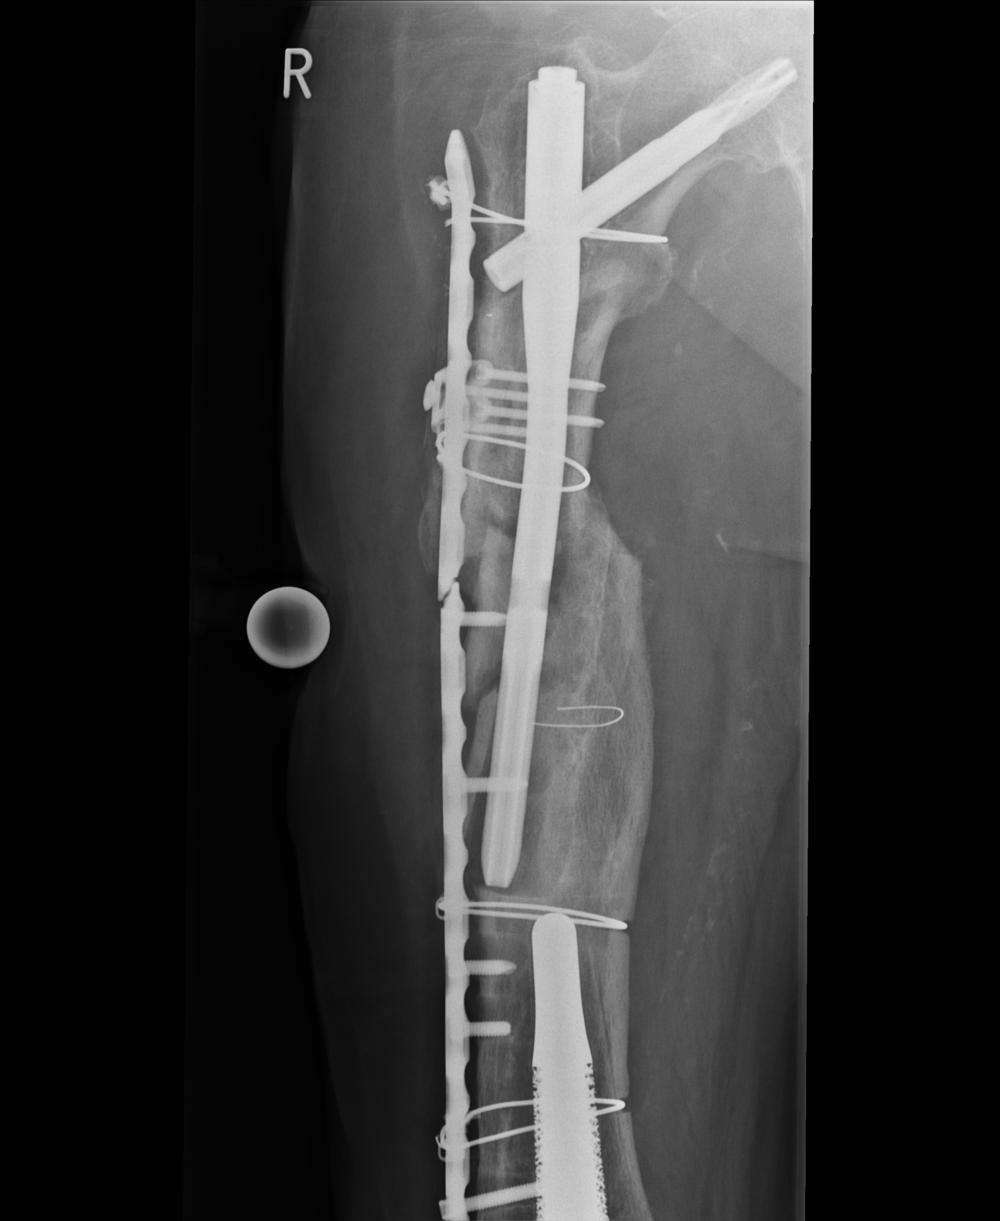 Diagnostik Fall 3 - Röntgen, Mediznische Falldatenbank